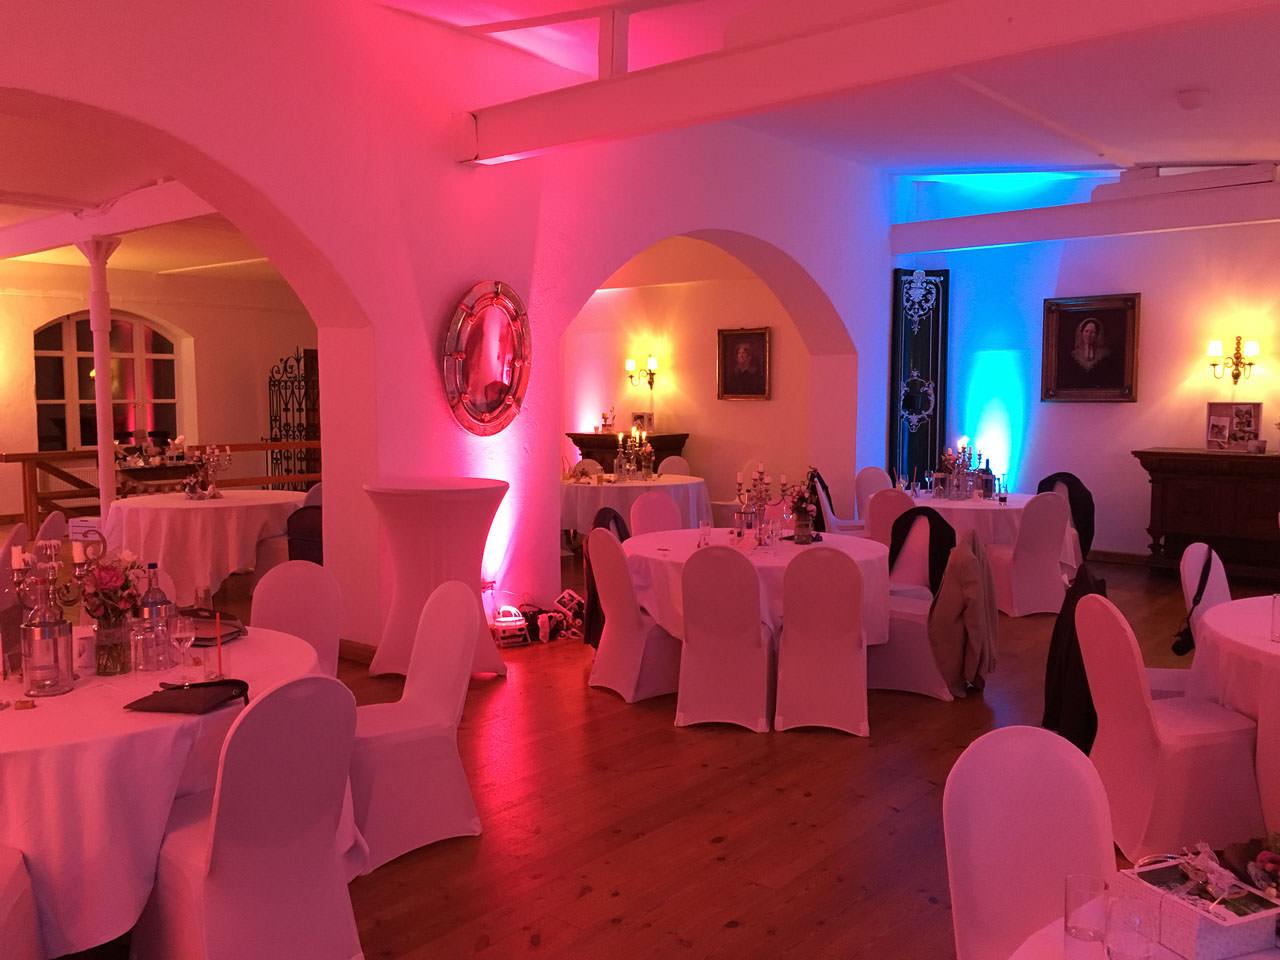 Der Festsaal von Gut Nettehammer, festlich illuminiert